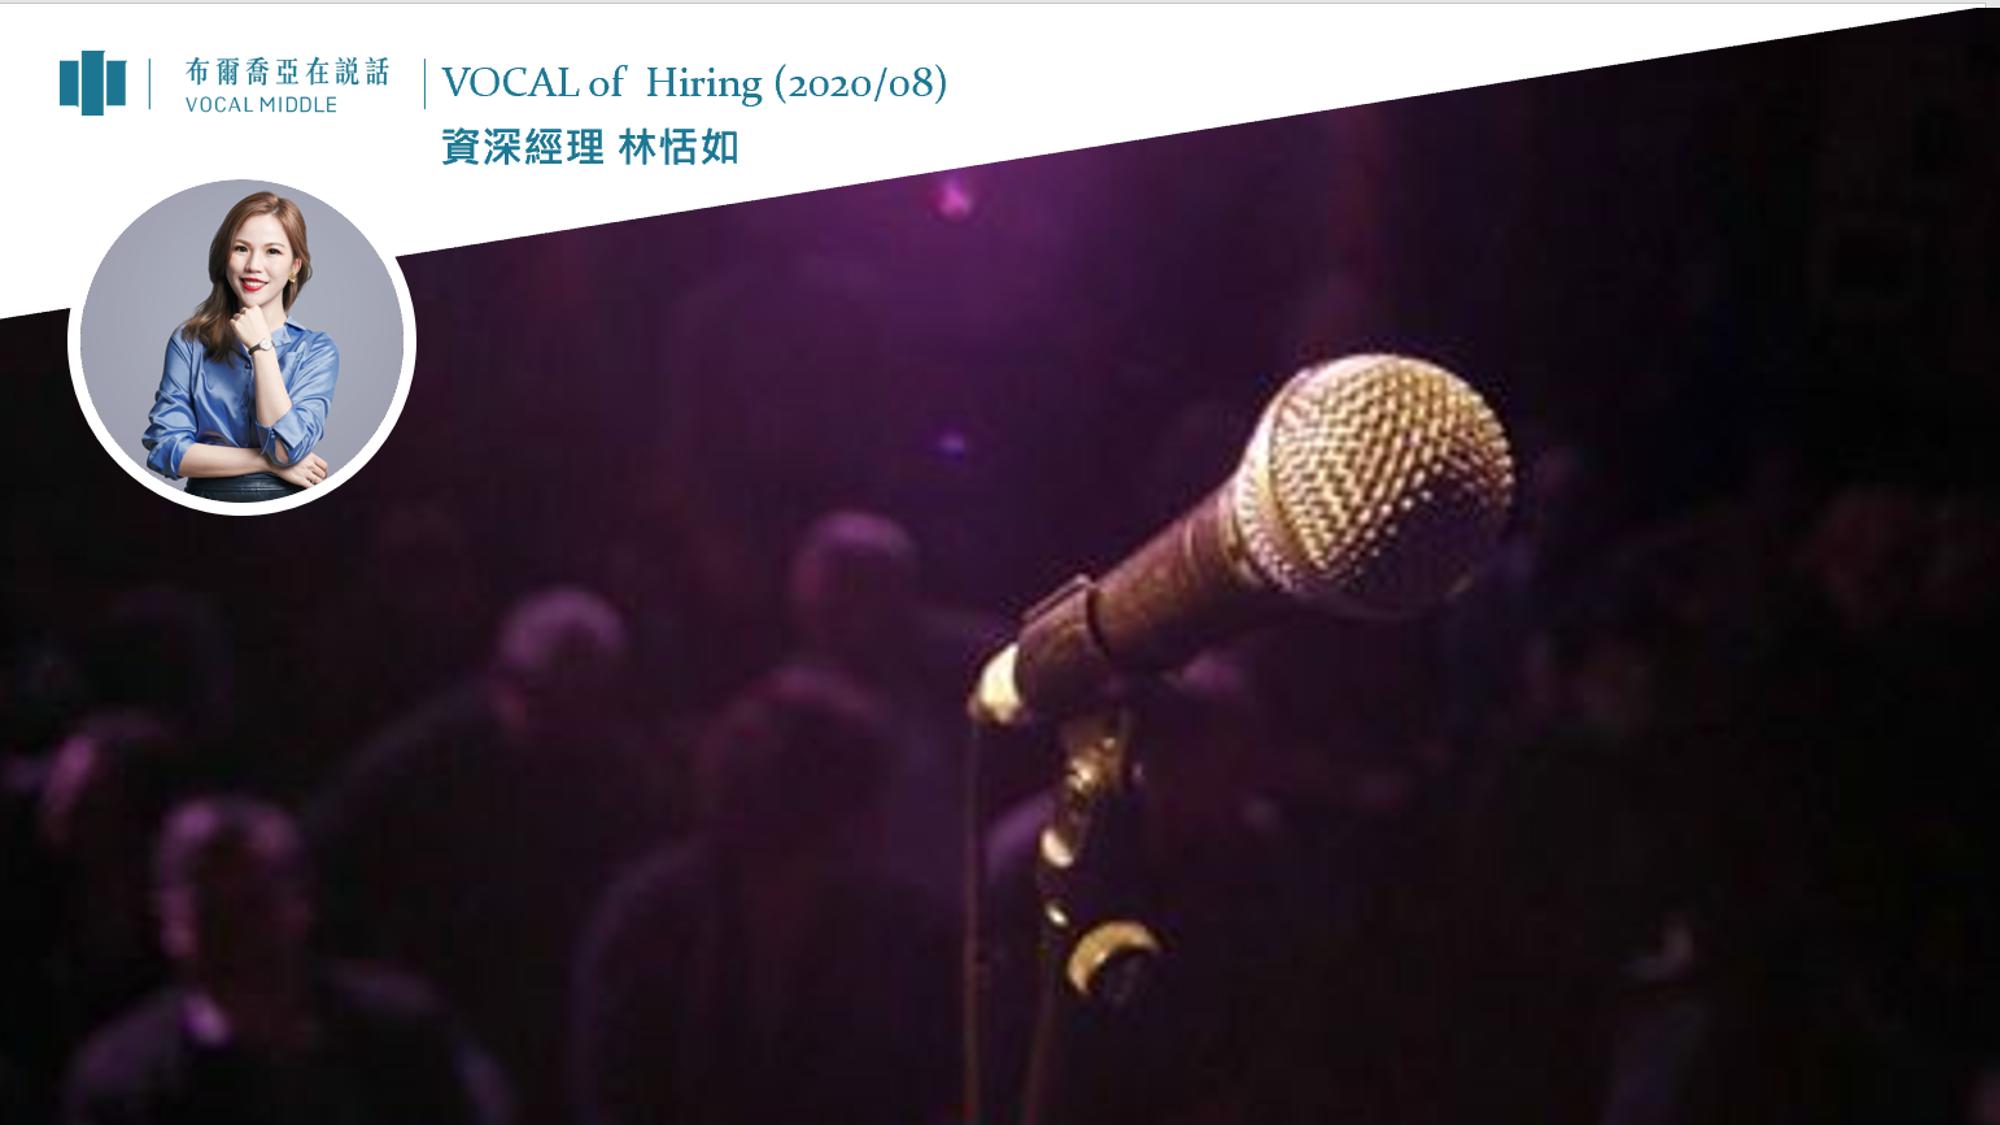 【VOCAL of Hiring】布爾喬亞不只「自說自話」,還要走入市場產生「真實對話」